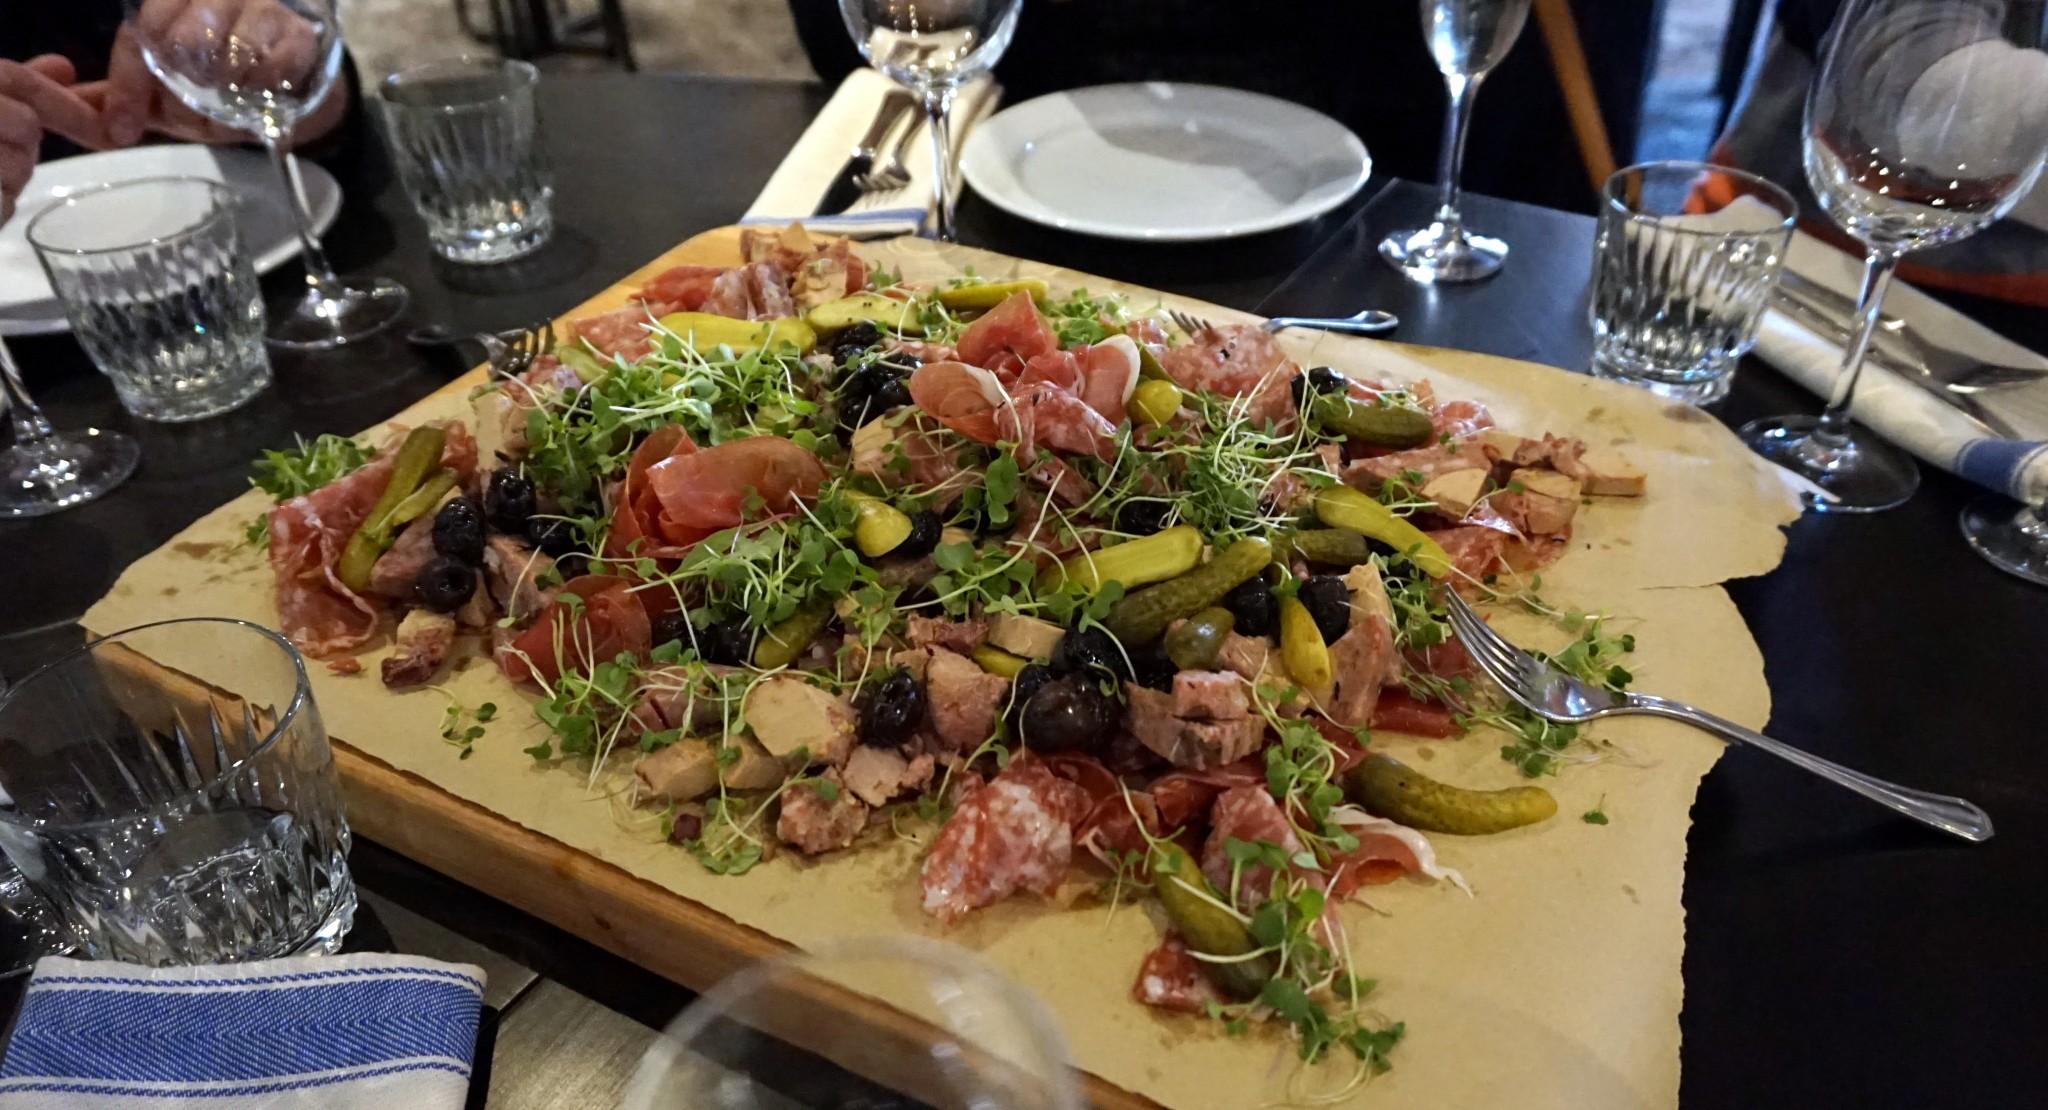 Oikein etikkaisia maustekurkkuja, oliiveja, Lyonin salamia, kinkkua ja ankanmaksaterriiniä. NAM.